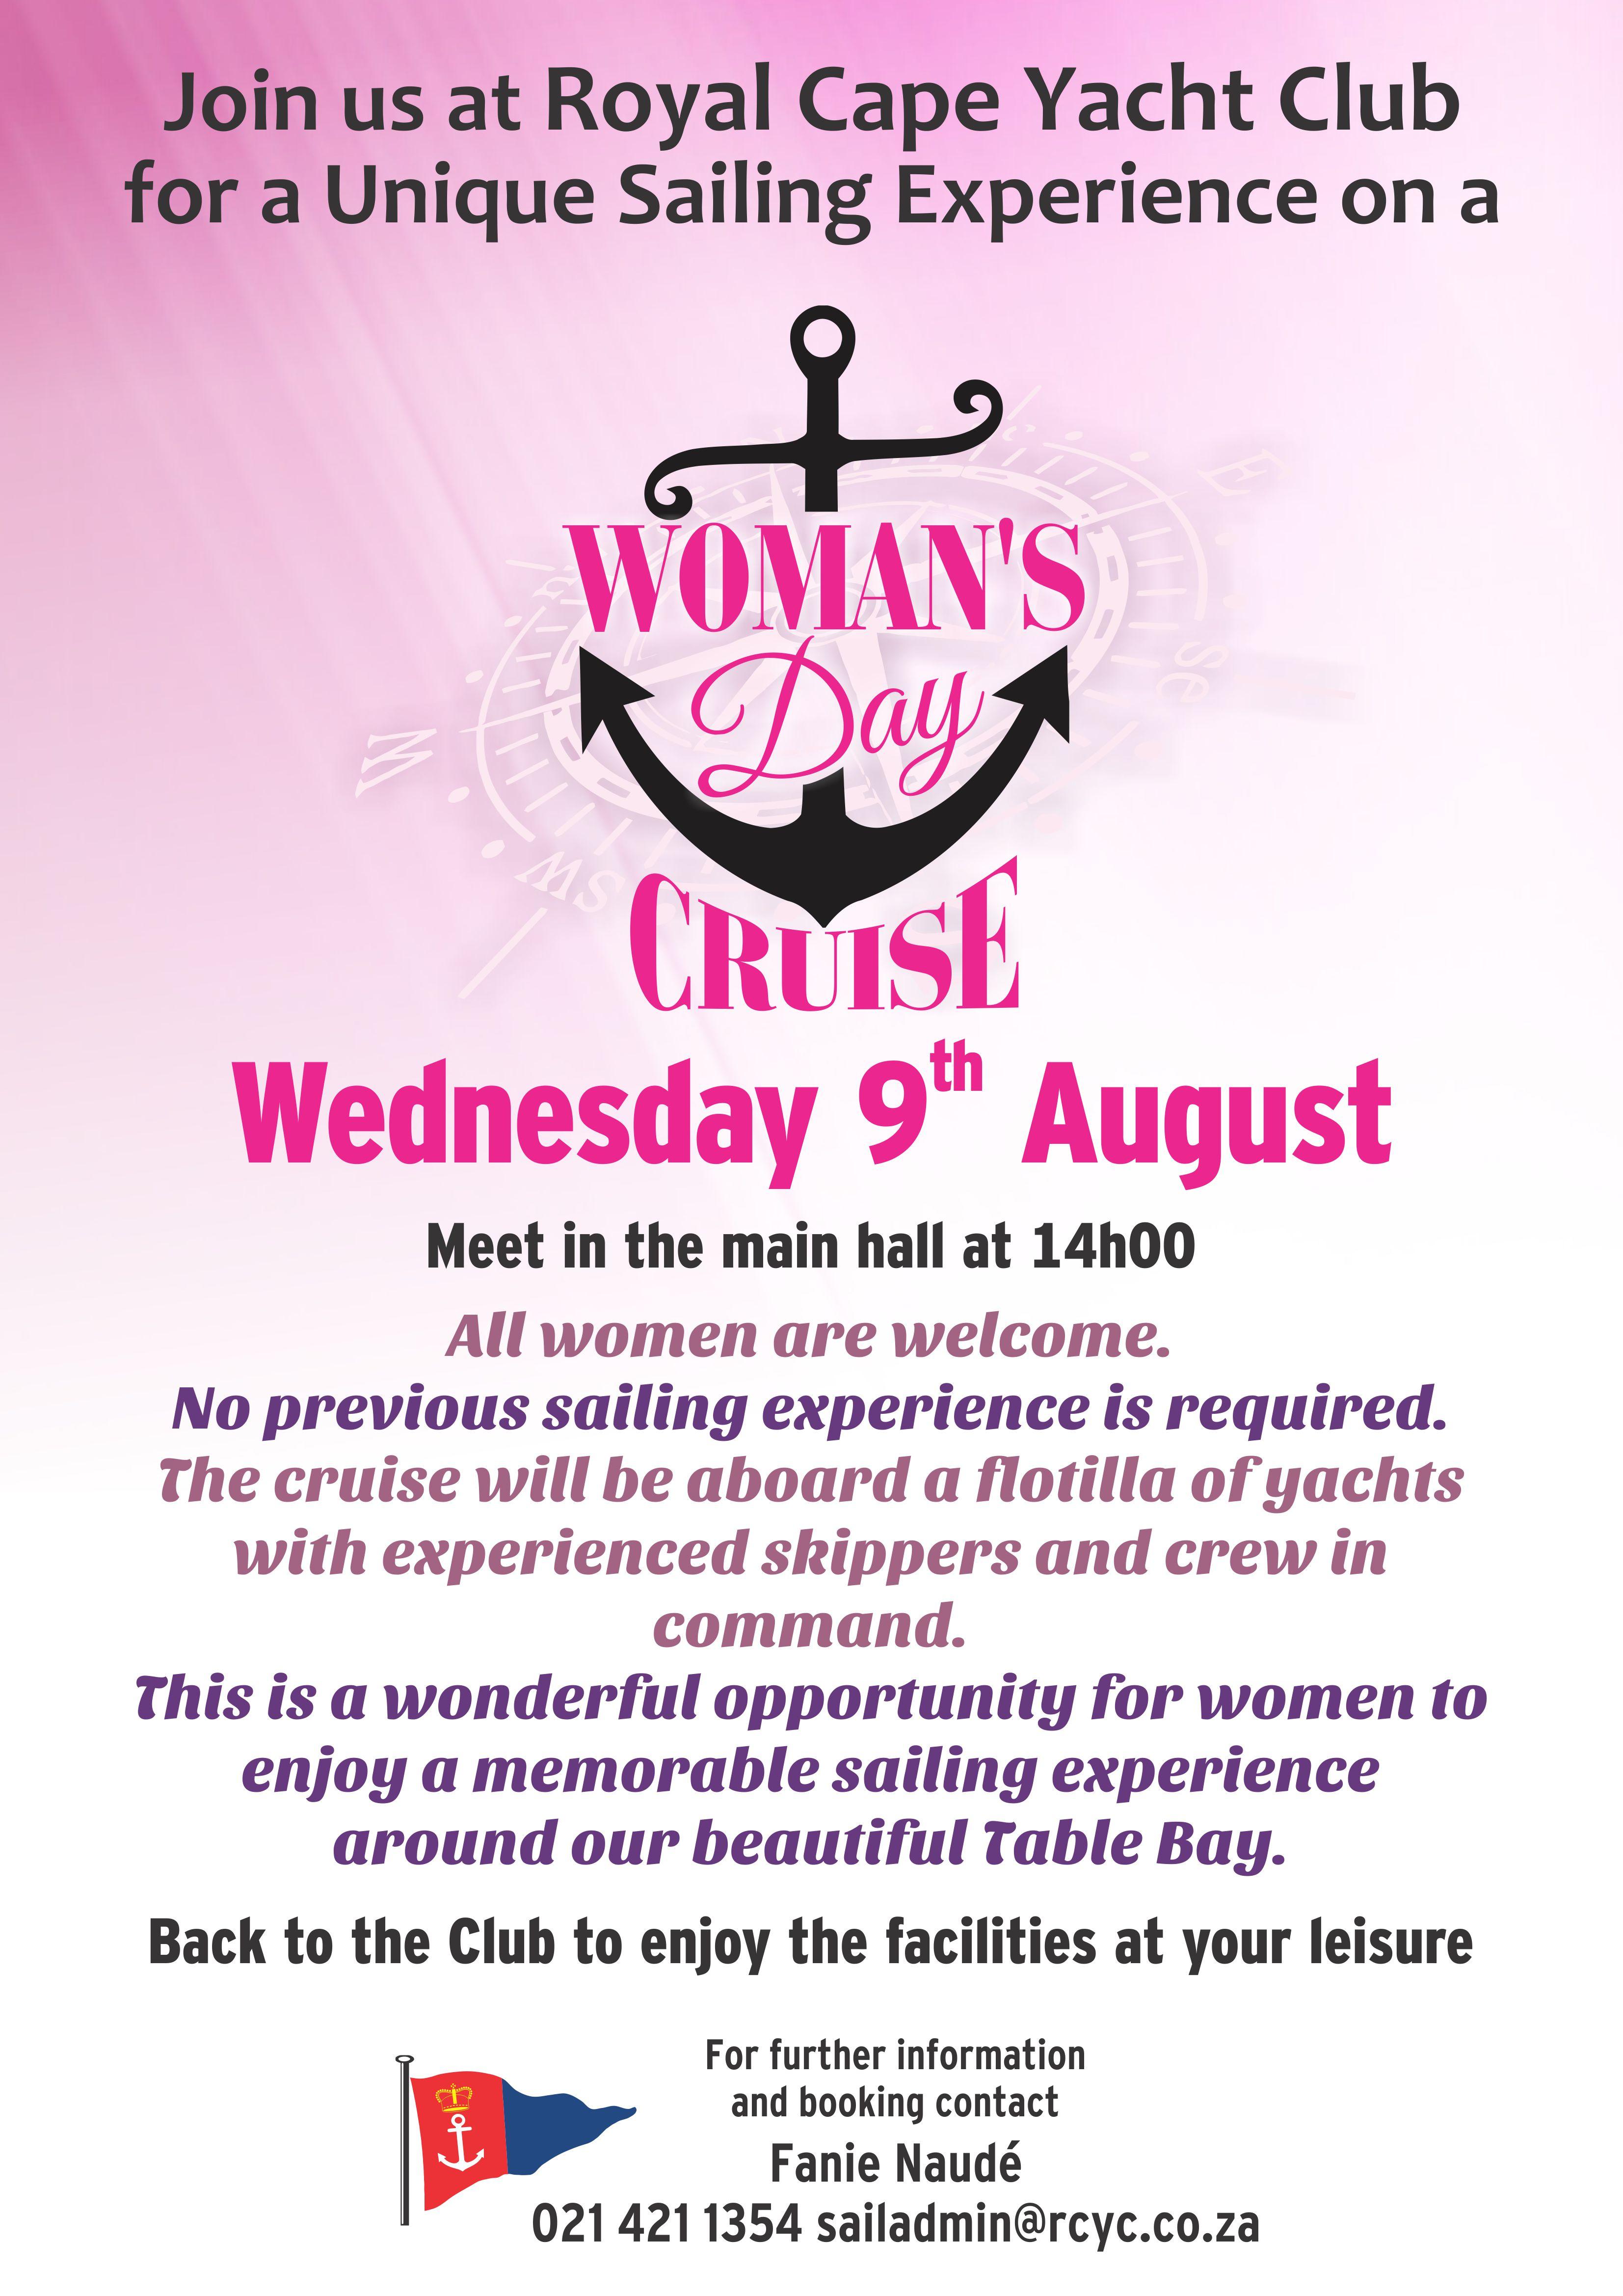 Women's Day Cruise